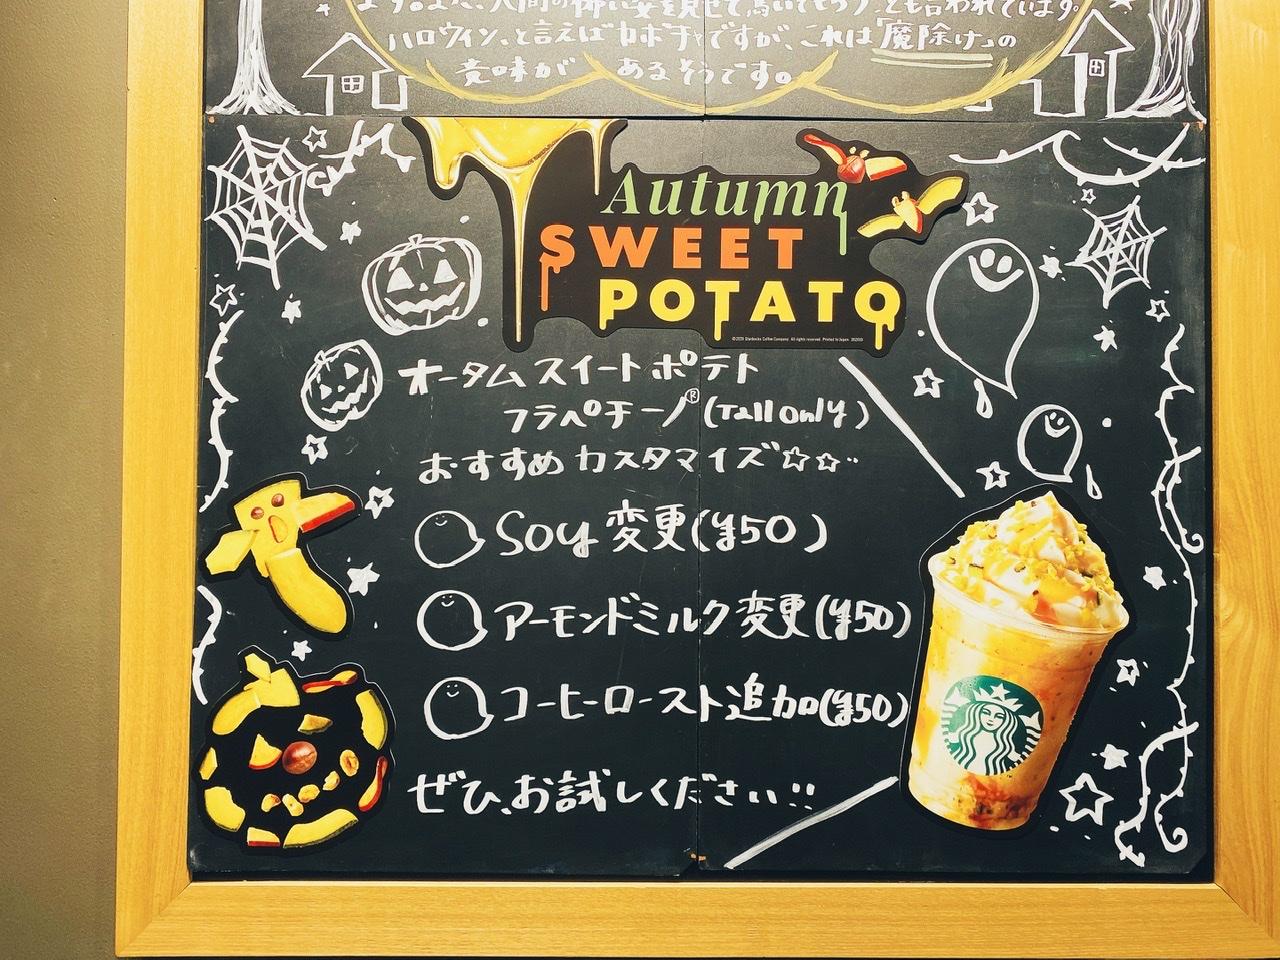 【スタバ新作】秋の味覚が集結!芋・栗・かぼちゃのチップ入り《オータムスイートポテトフラペチーノ》が登場♡_6